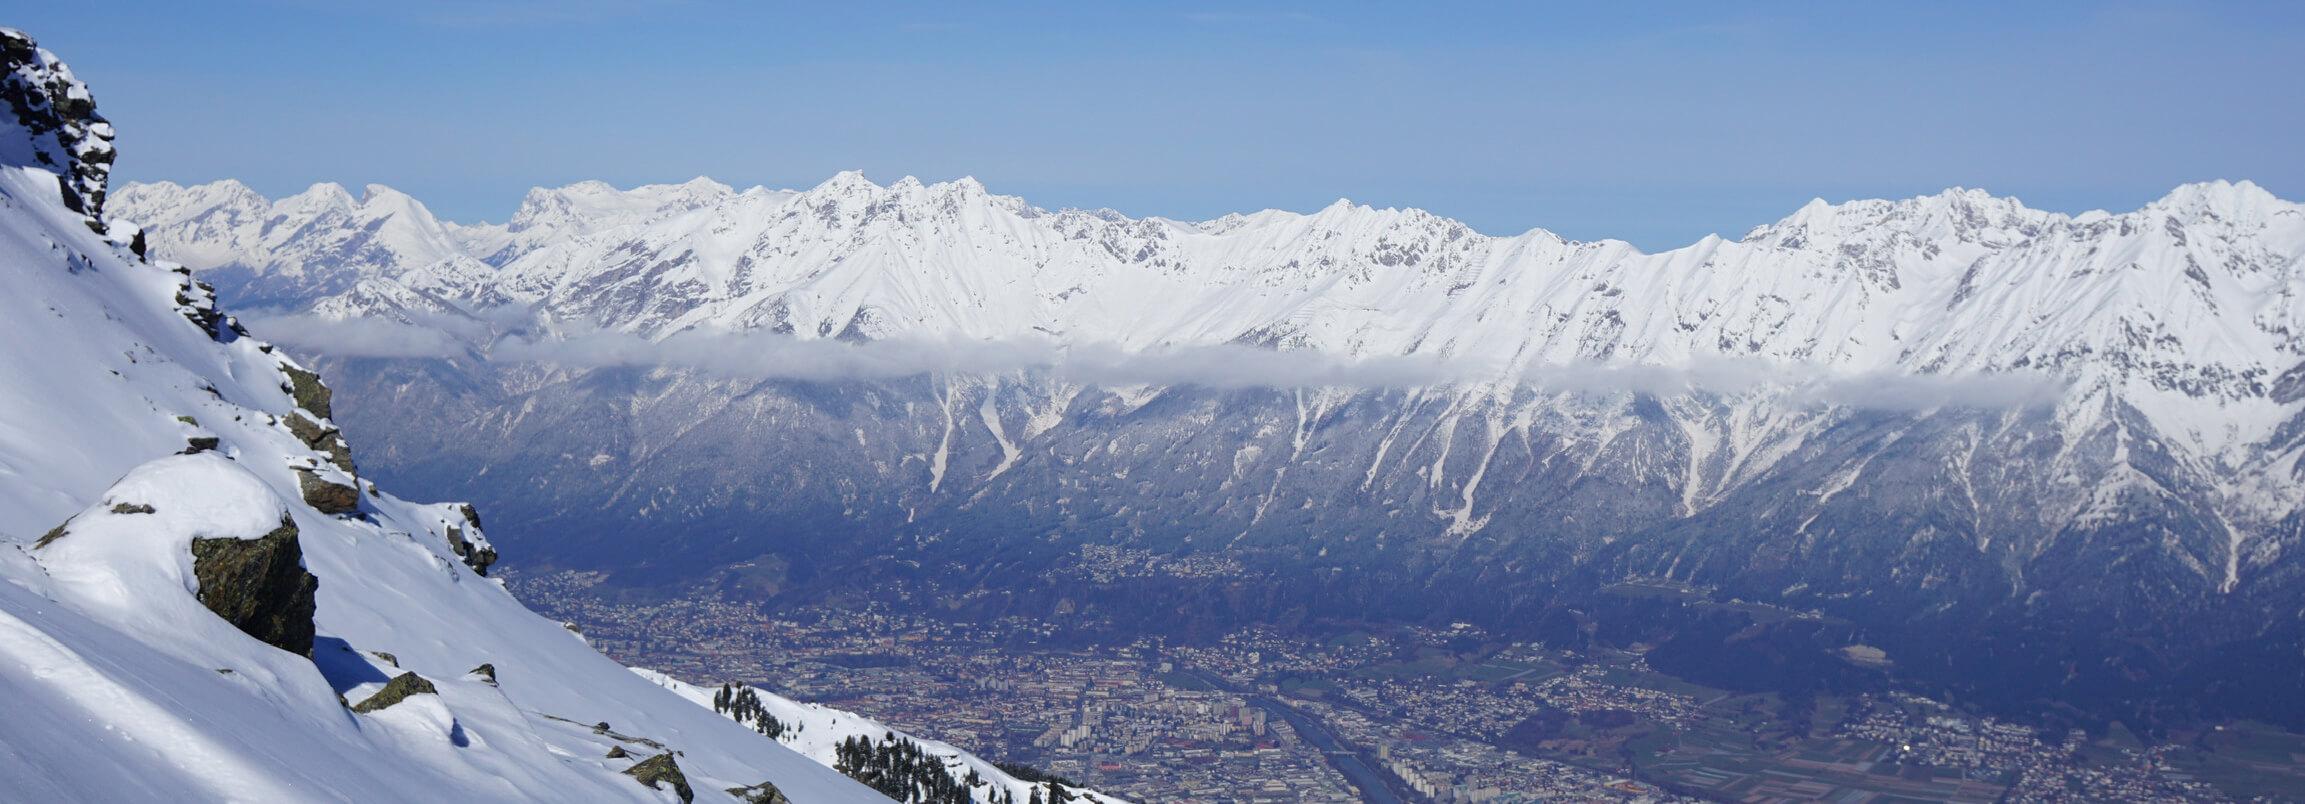 #buylocal: Geschäfte & Lieferservices in Innsbruck/Umgebung